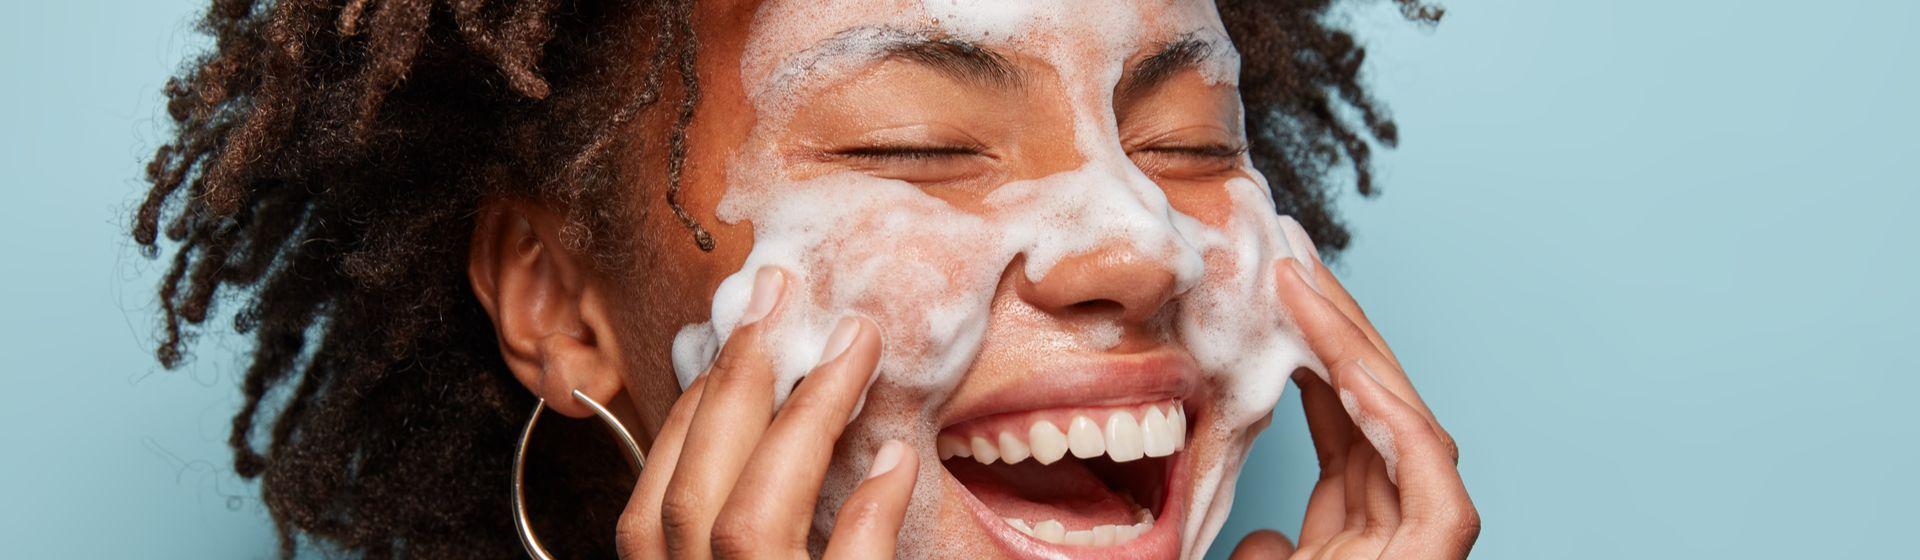 Carnaval em casa: 10 produtos de beleza para você se cuidar durante o feriado